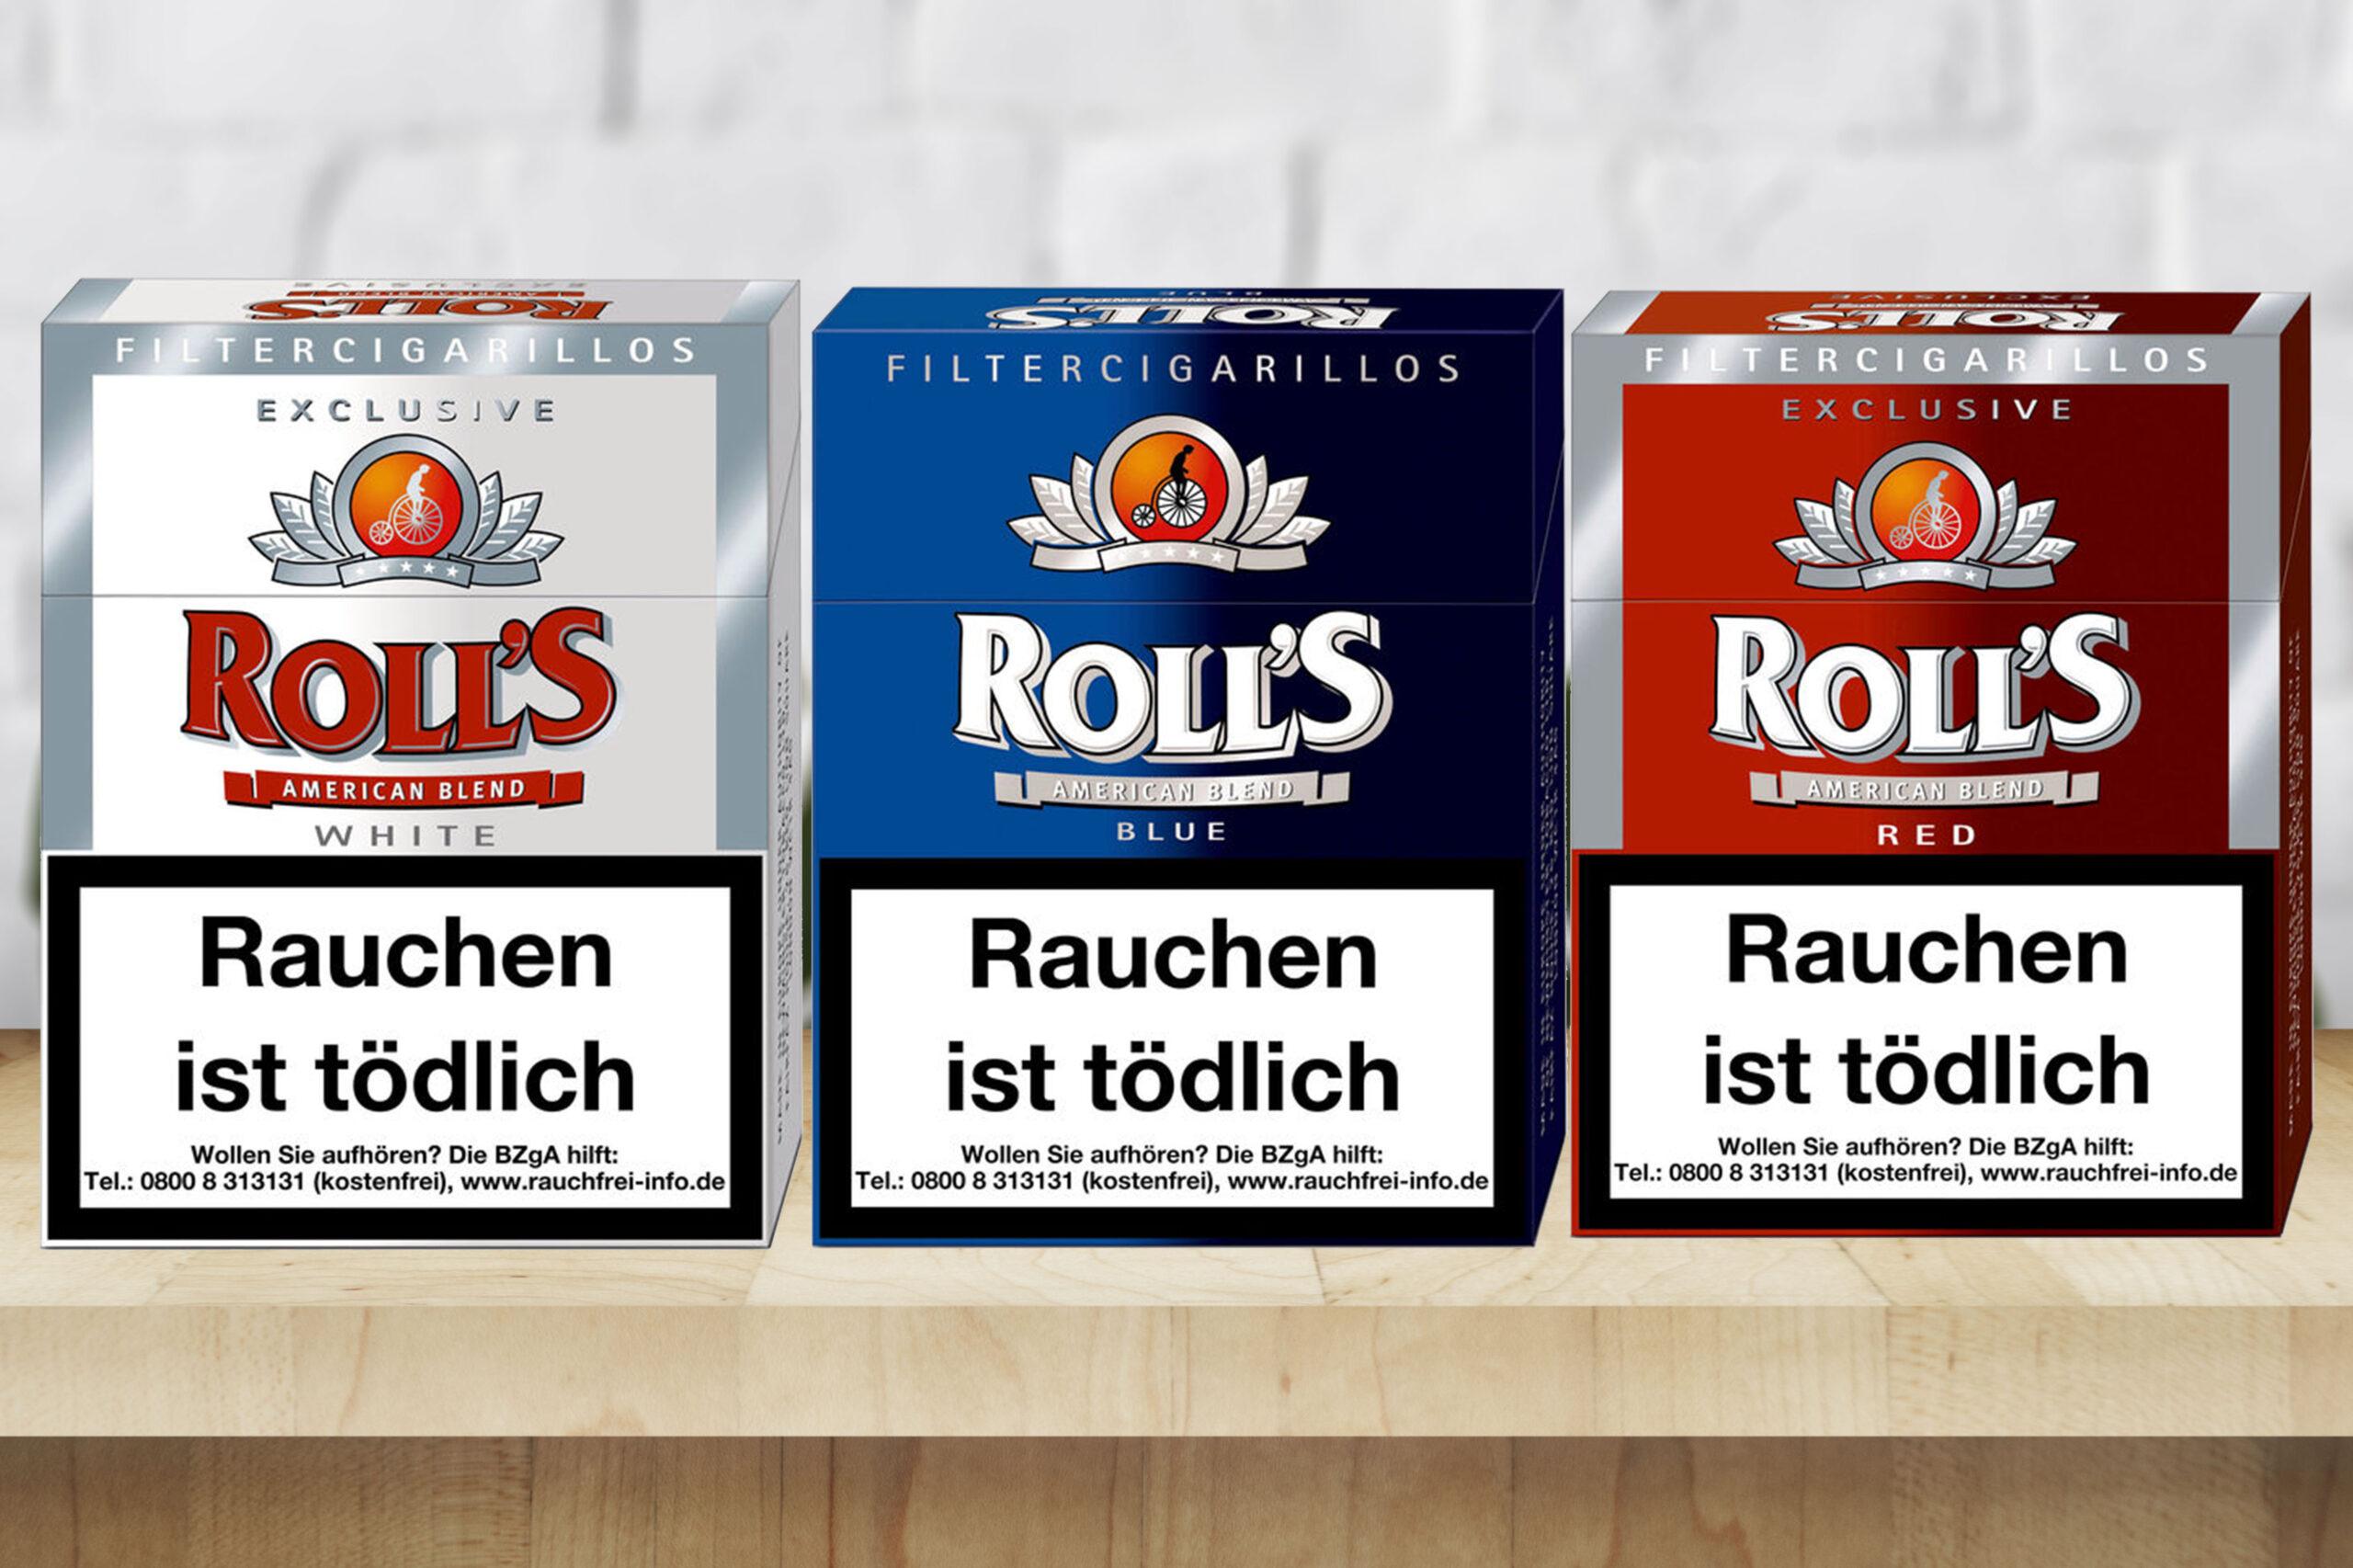 Alle-drei-Sorten-von-den-Rolls-Zigarillos